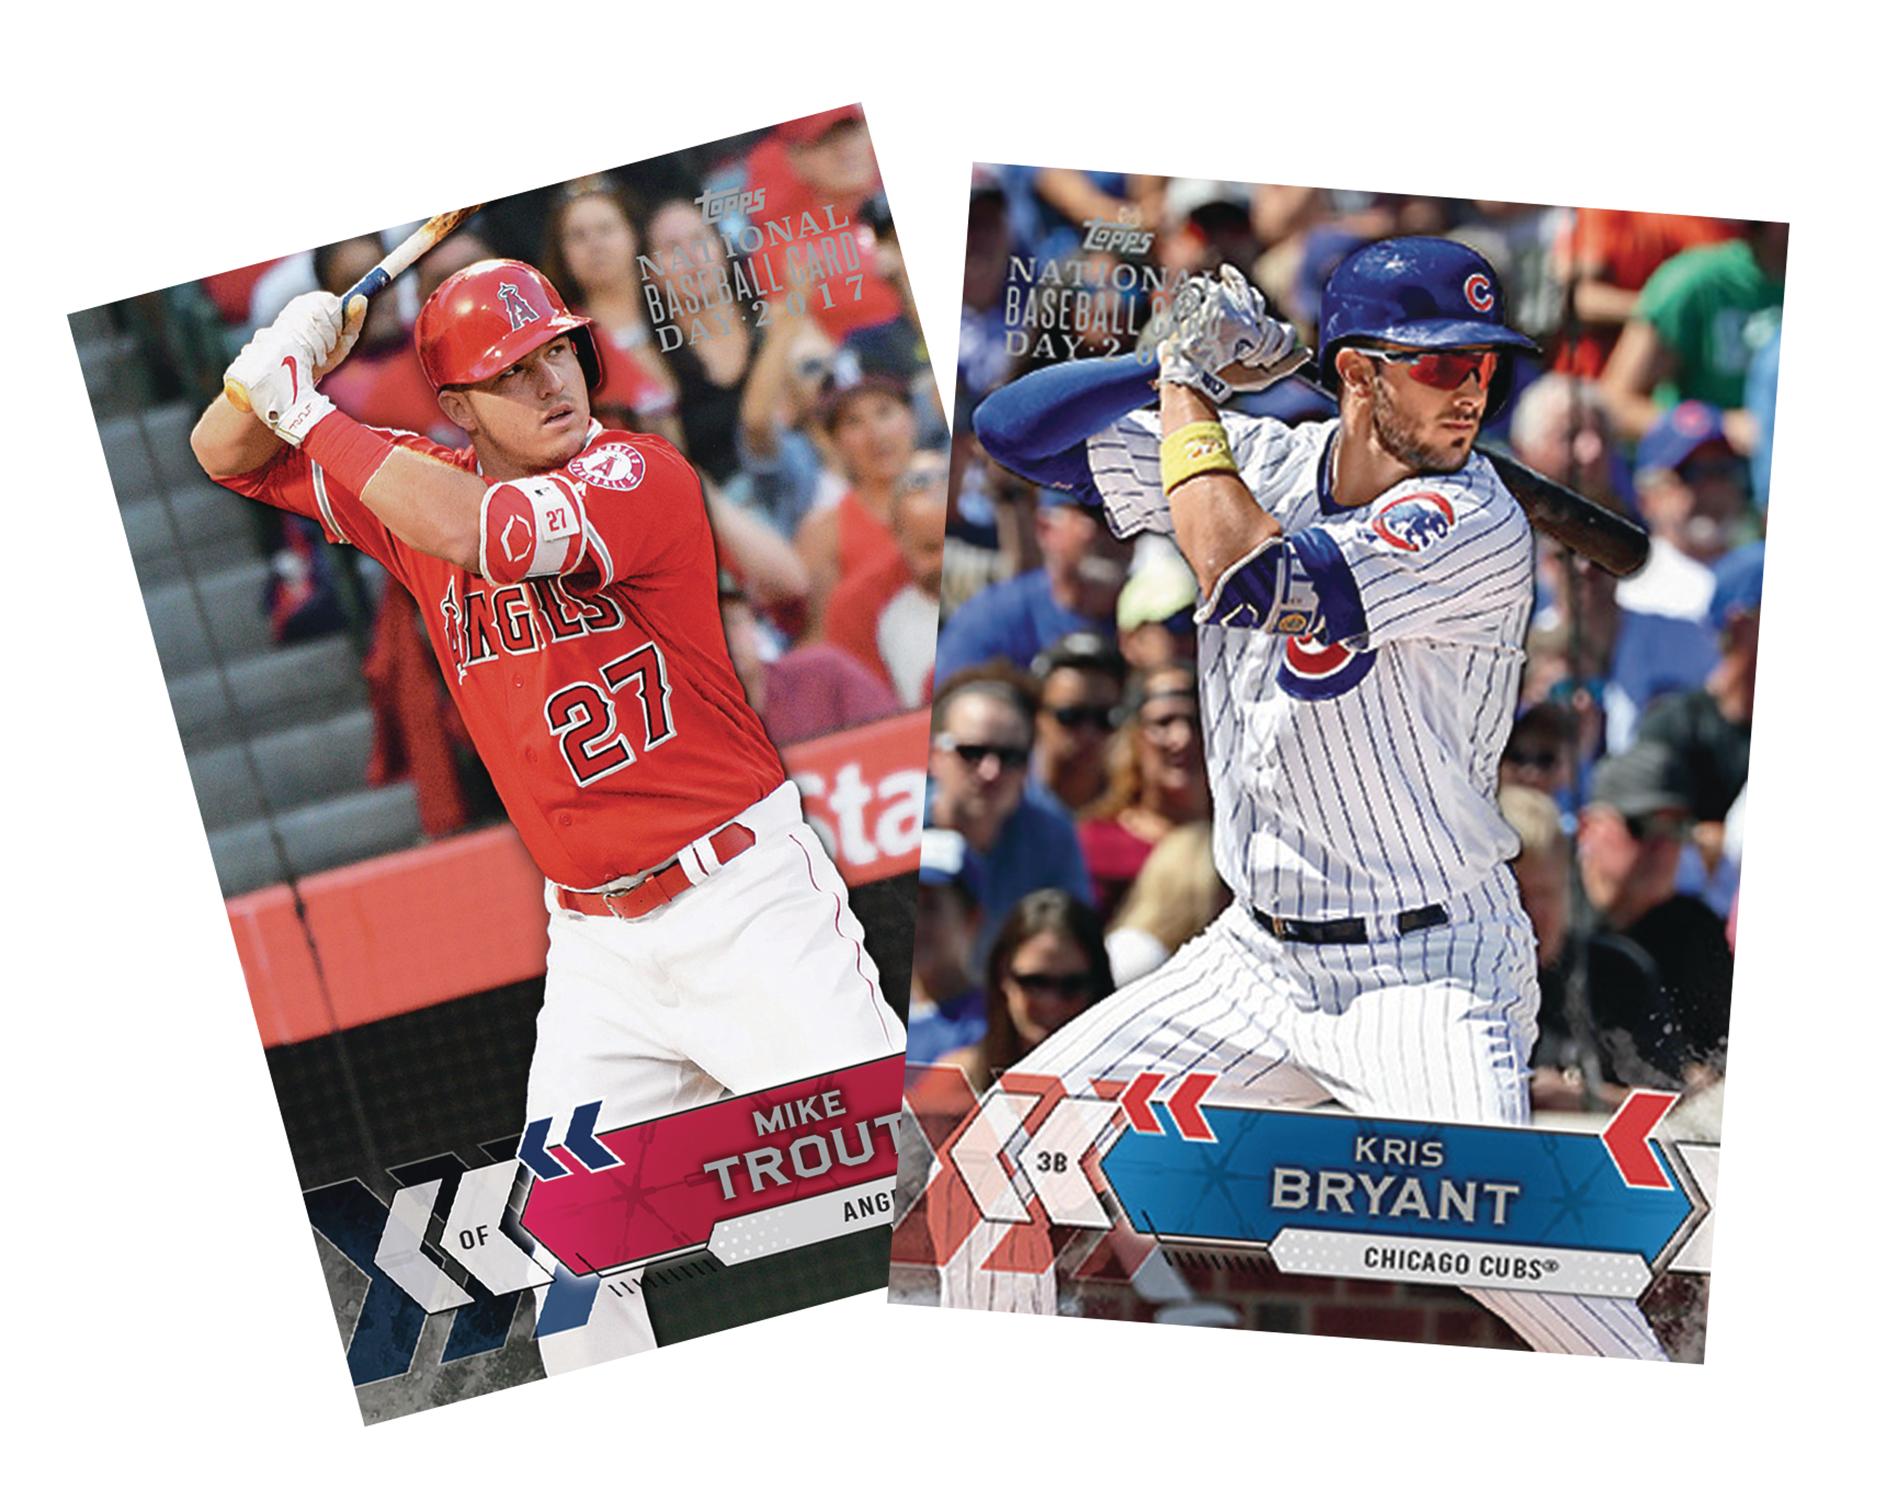 May178299 Topps 2017 National Baseball Card Day Previews